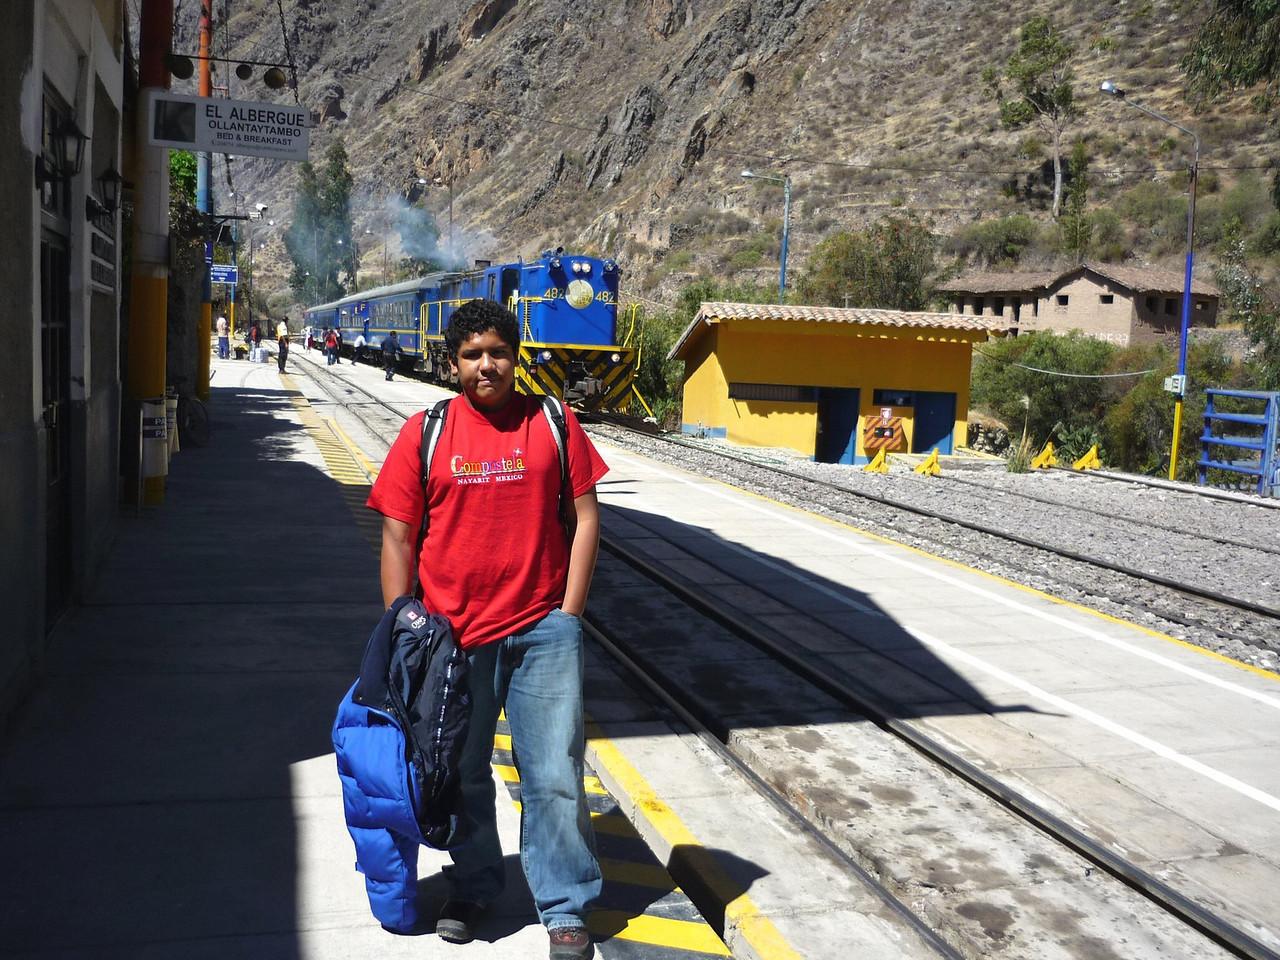 En la estacion de trenes de Ollantaytambo